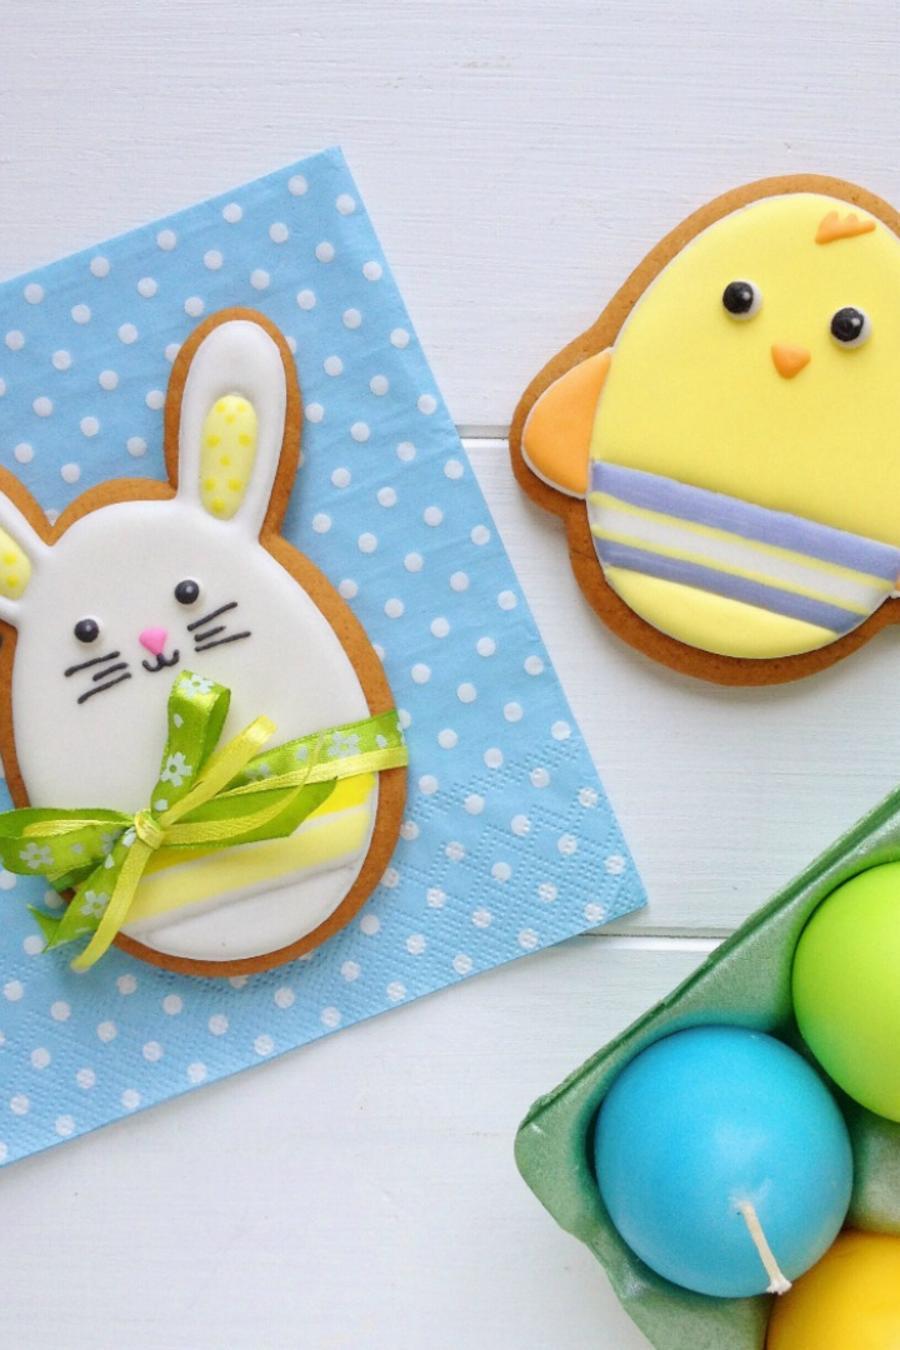 Collage de galletas decoradas y huevos rellenos para brunch de Pascua.